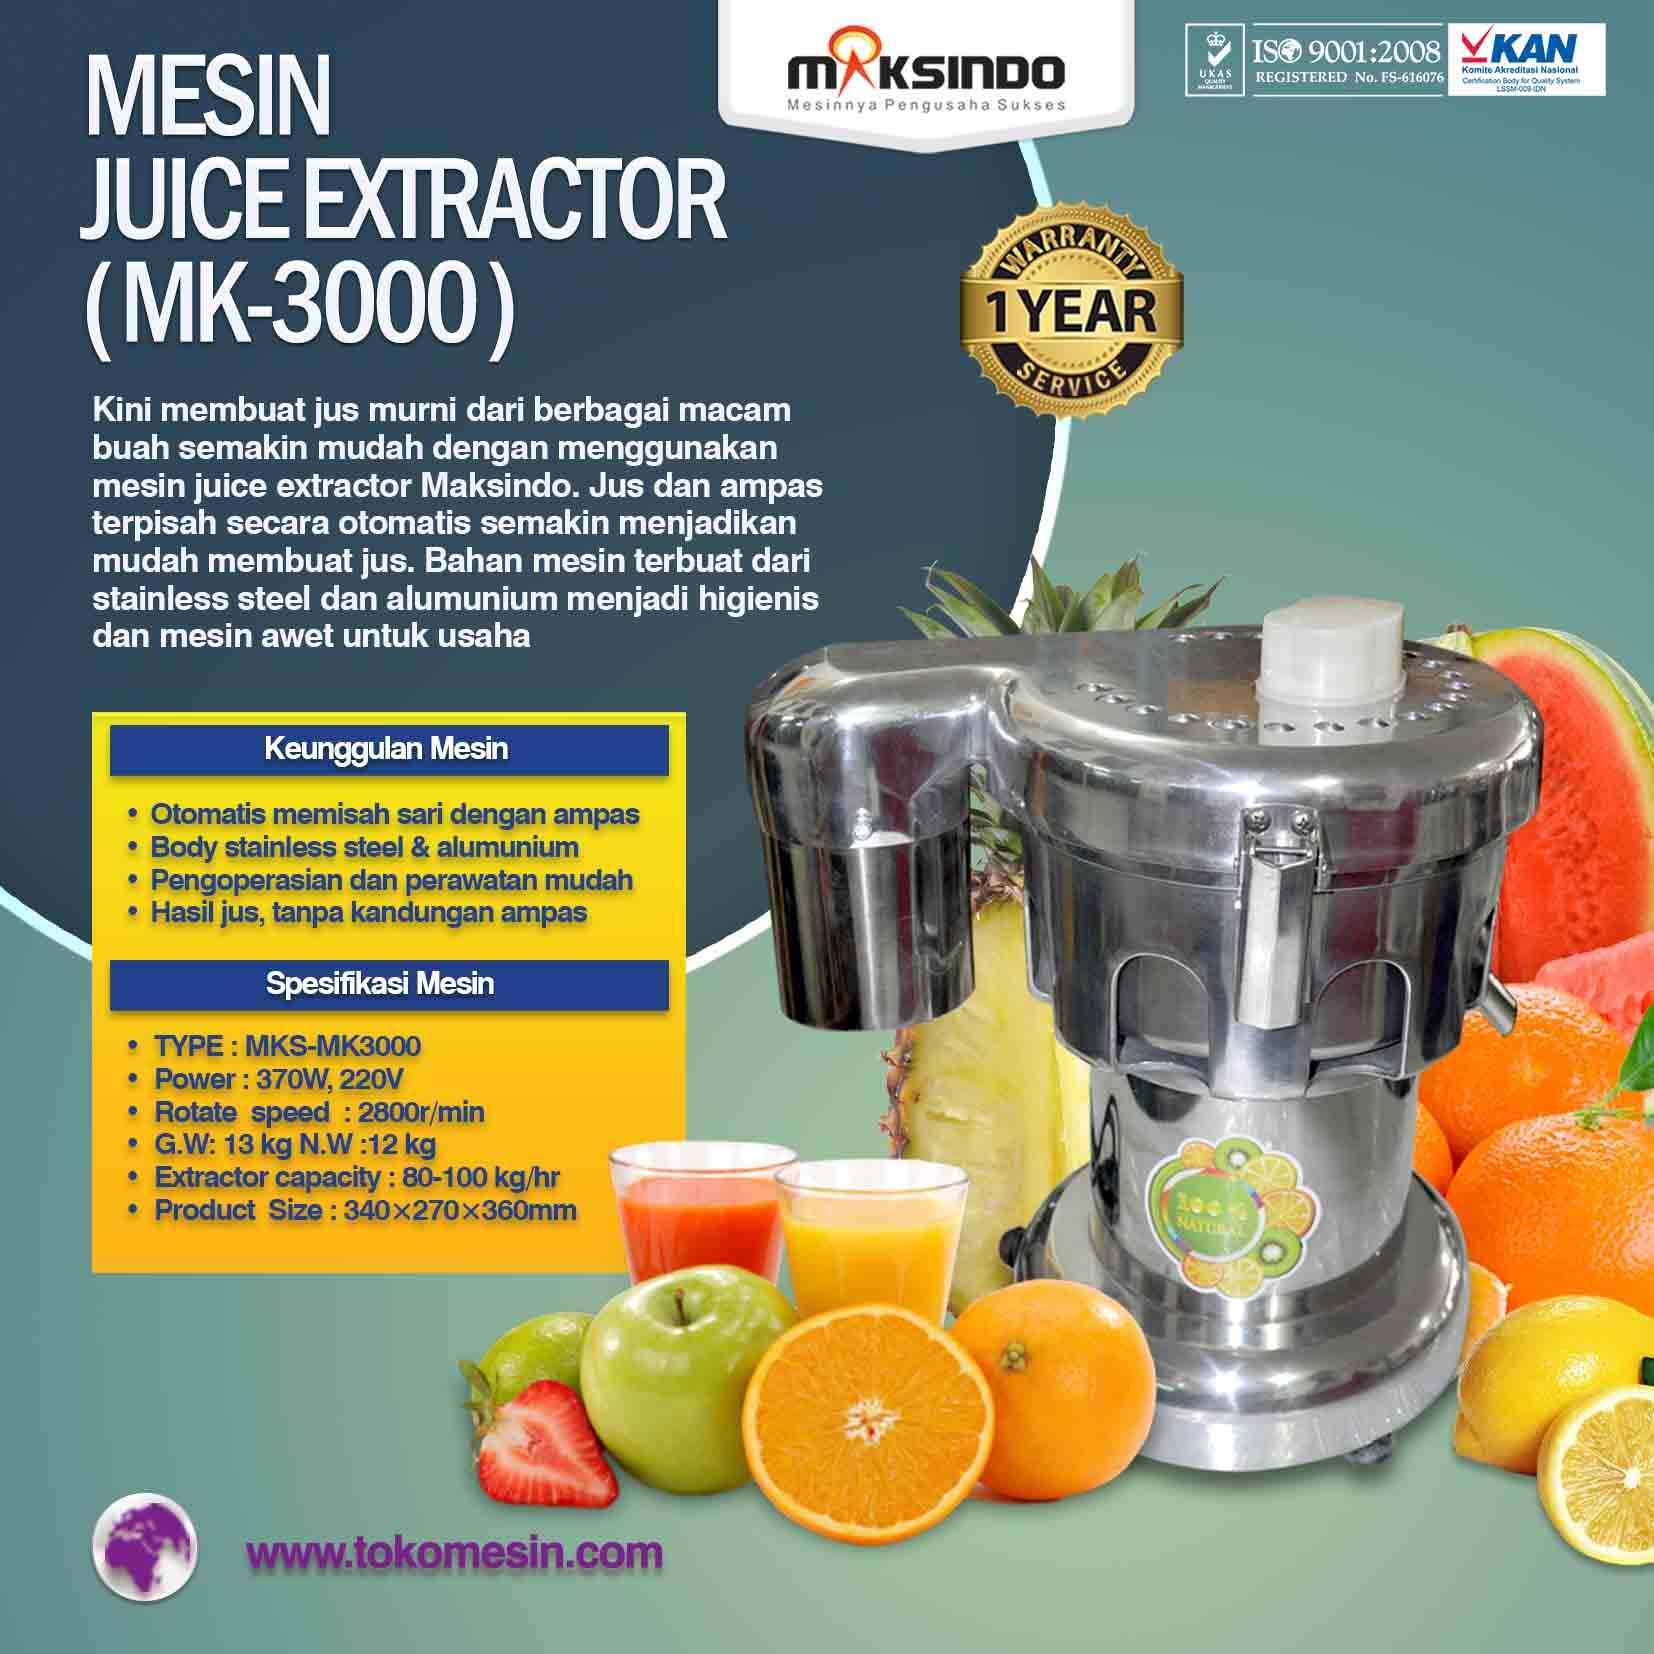 Mesin JUICE EXTRACTOR ( MK-3000 )